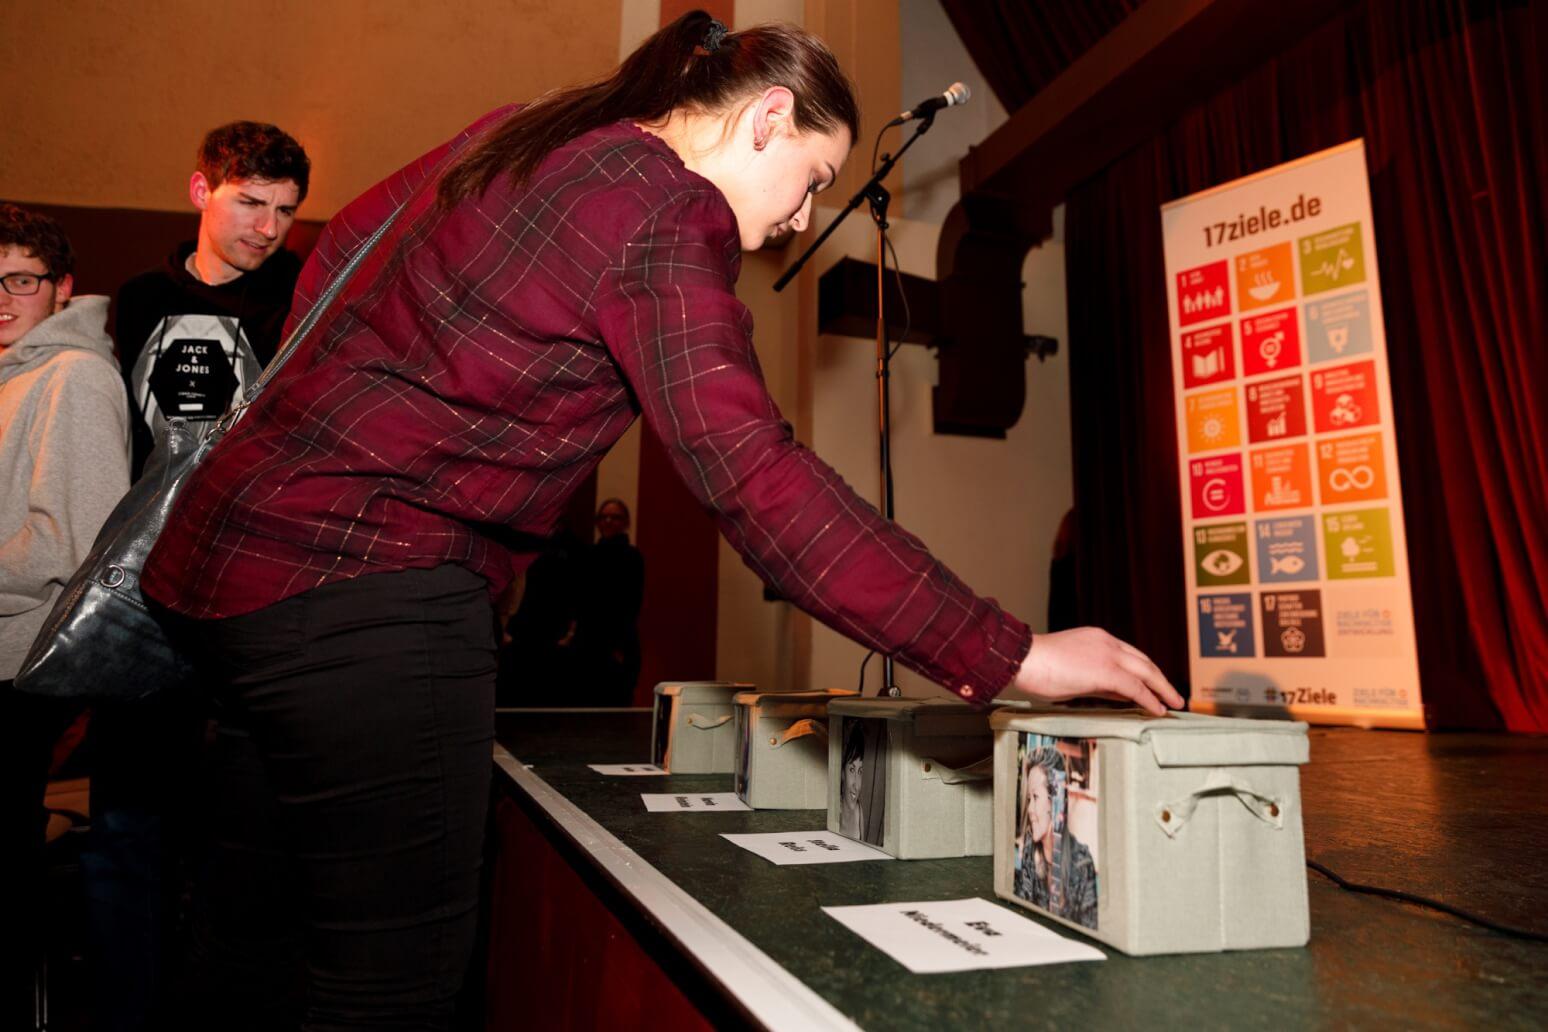 Poetry Slam Abstimmung beim Nachhaltigkeits-Slam #17Ziele